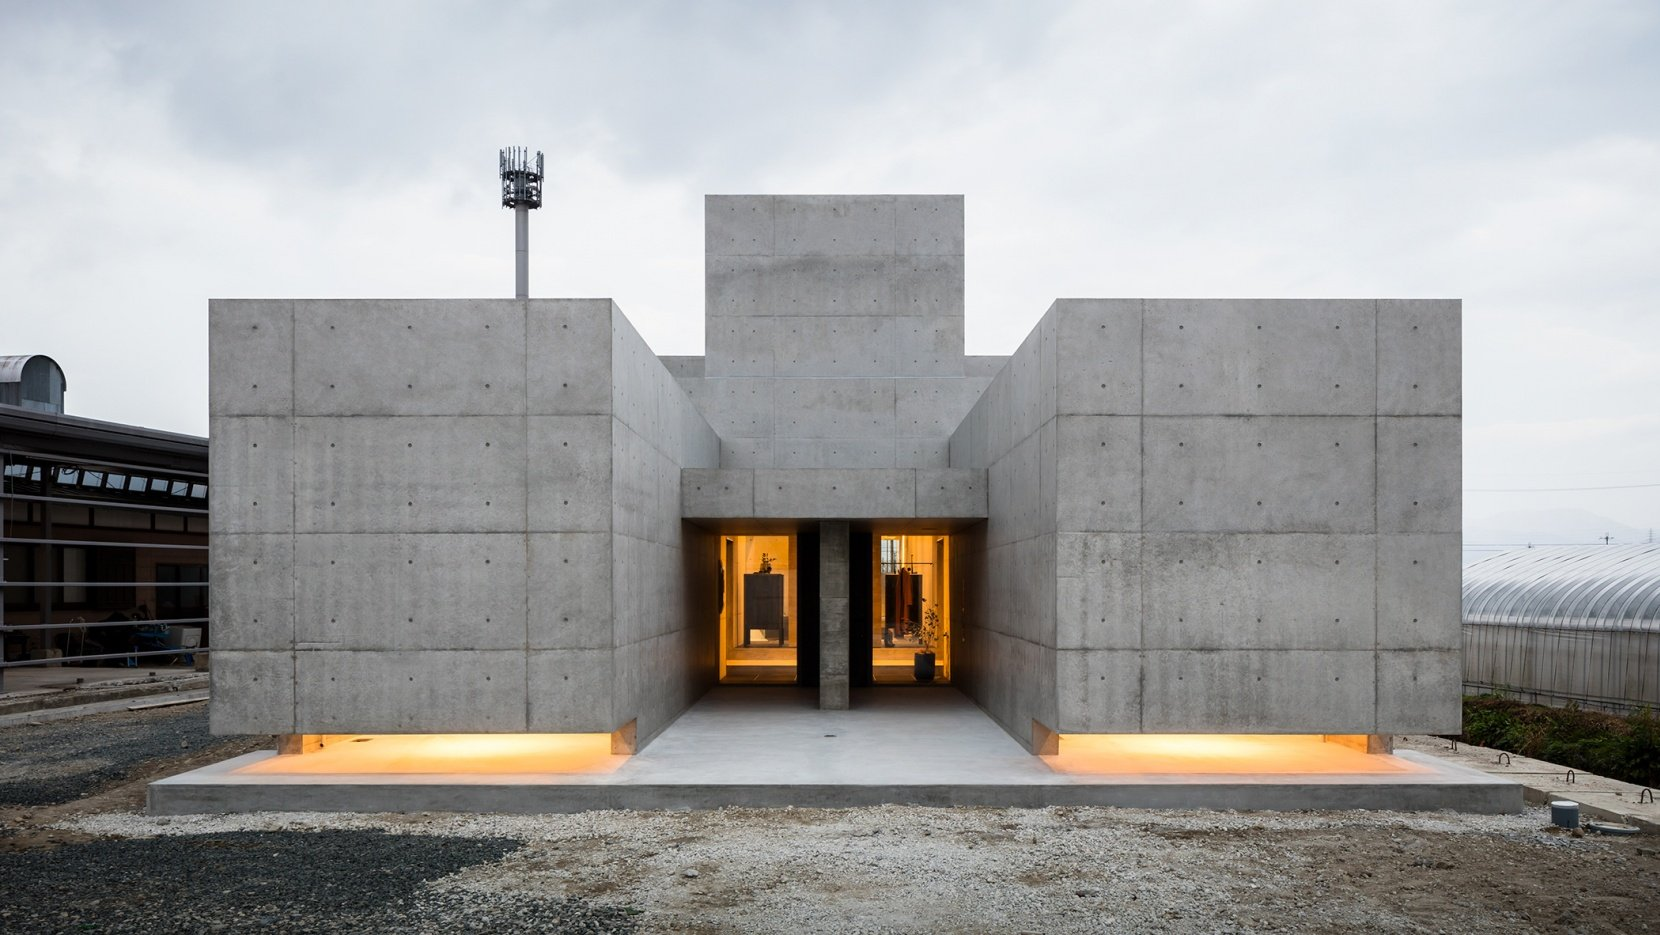 Tranquil House: A Brutalist Tour de Force in Suburban Japan